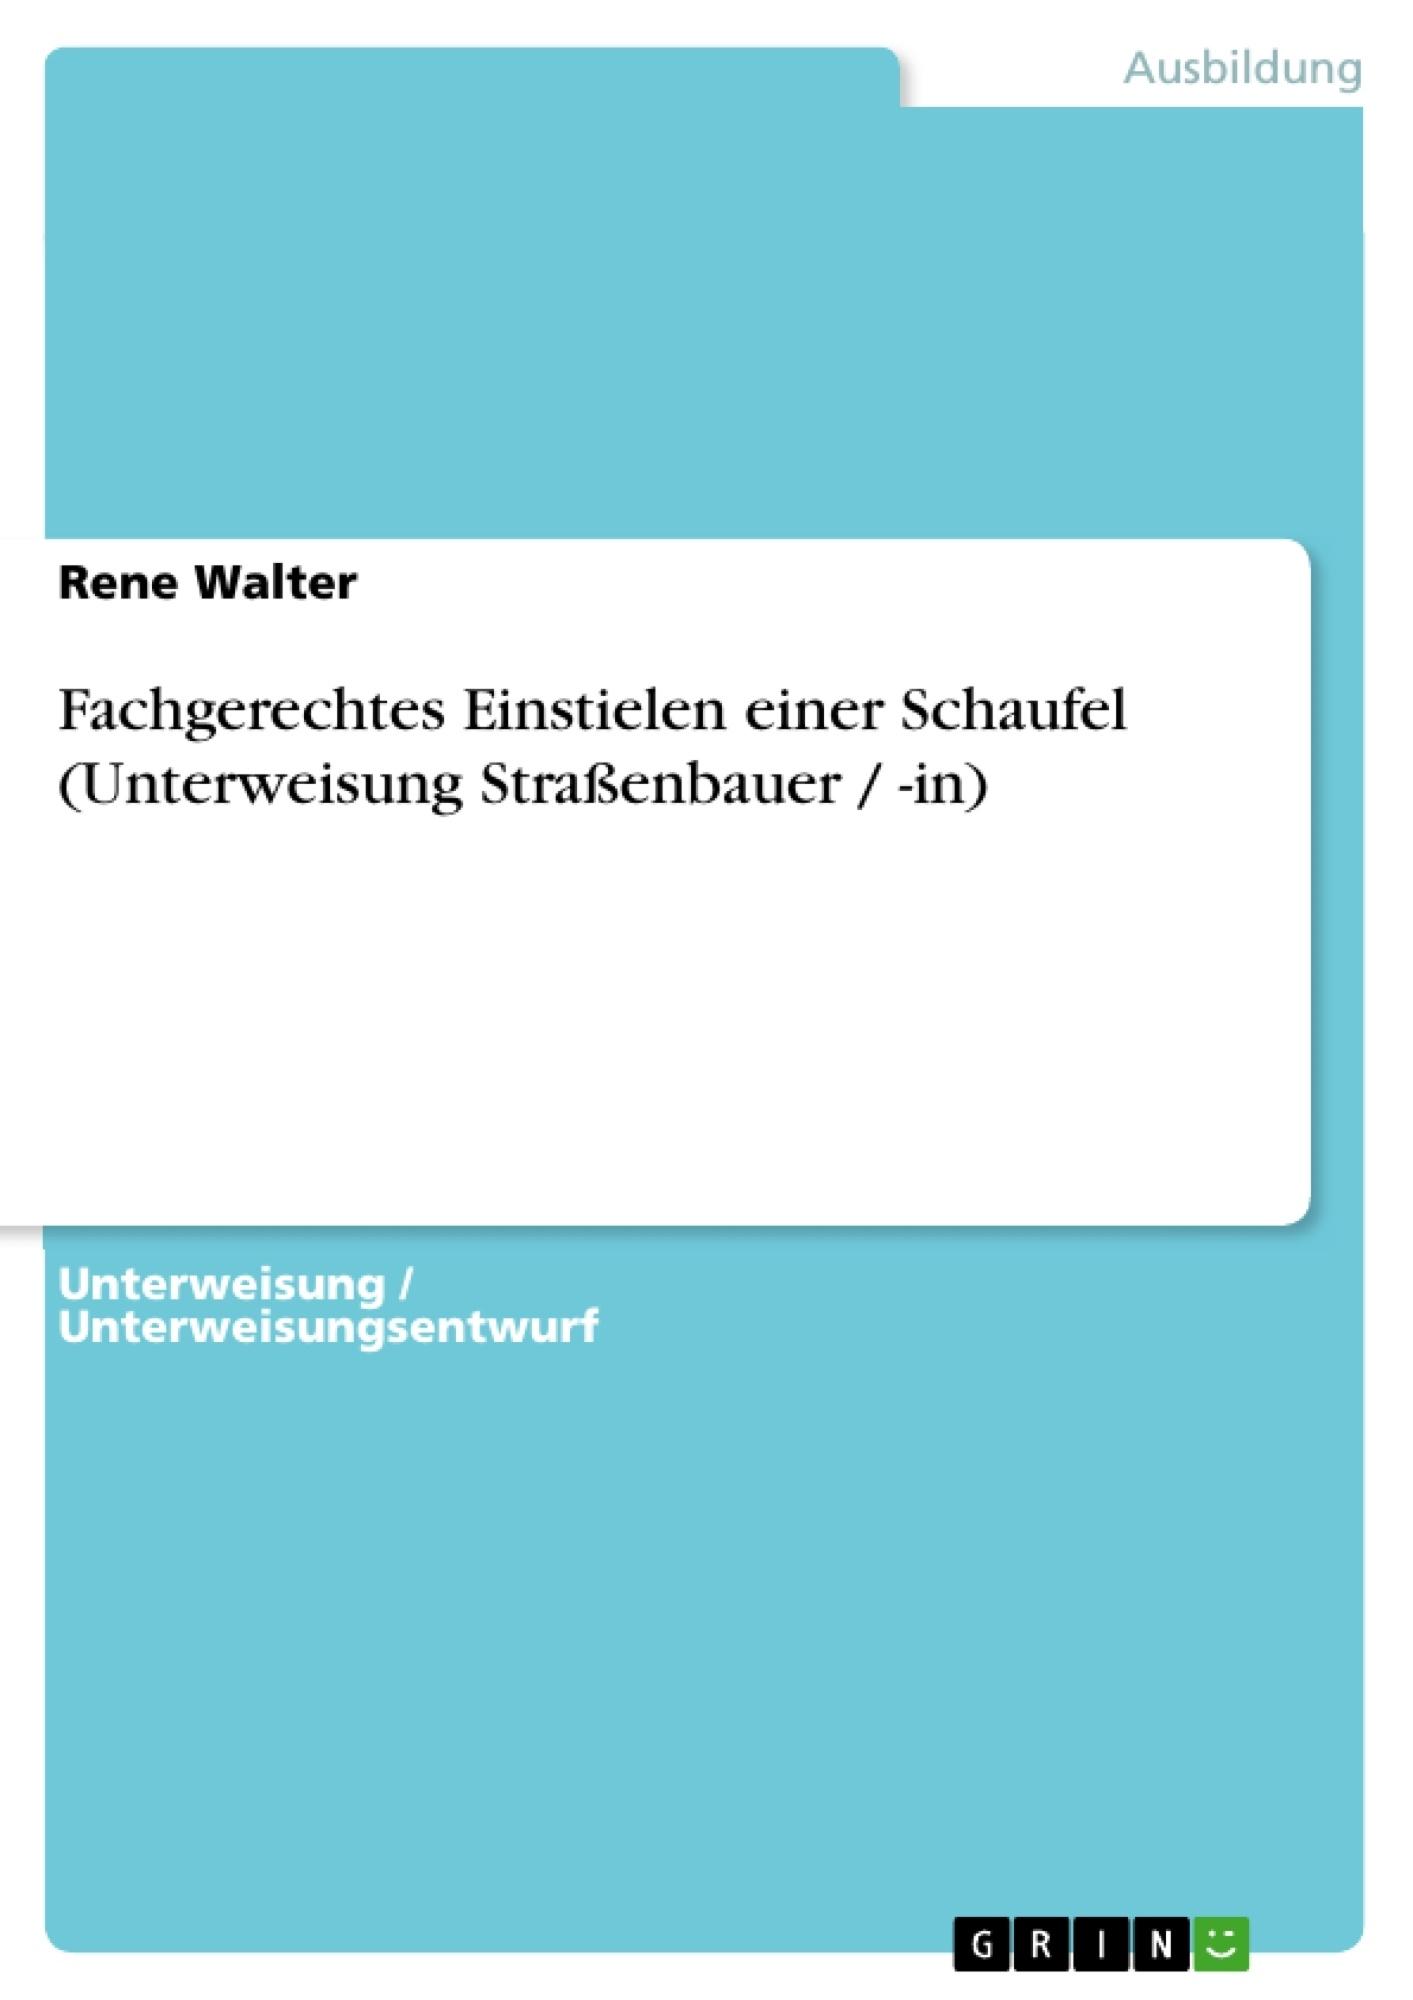 Titel: Fachgerechtes Einstielen einer Schaufel (Unterweisung Straßenbauer / -in)